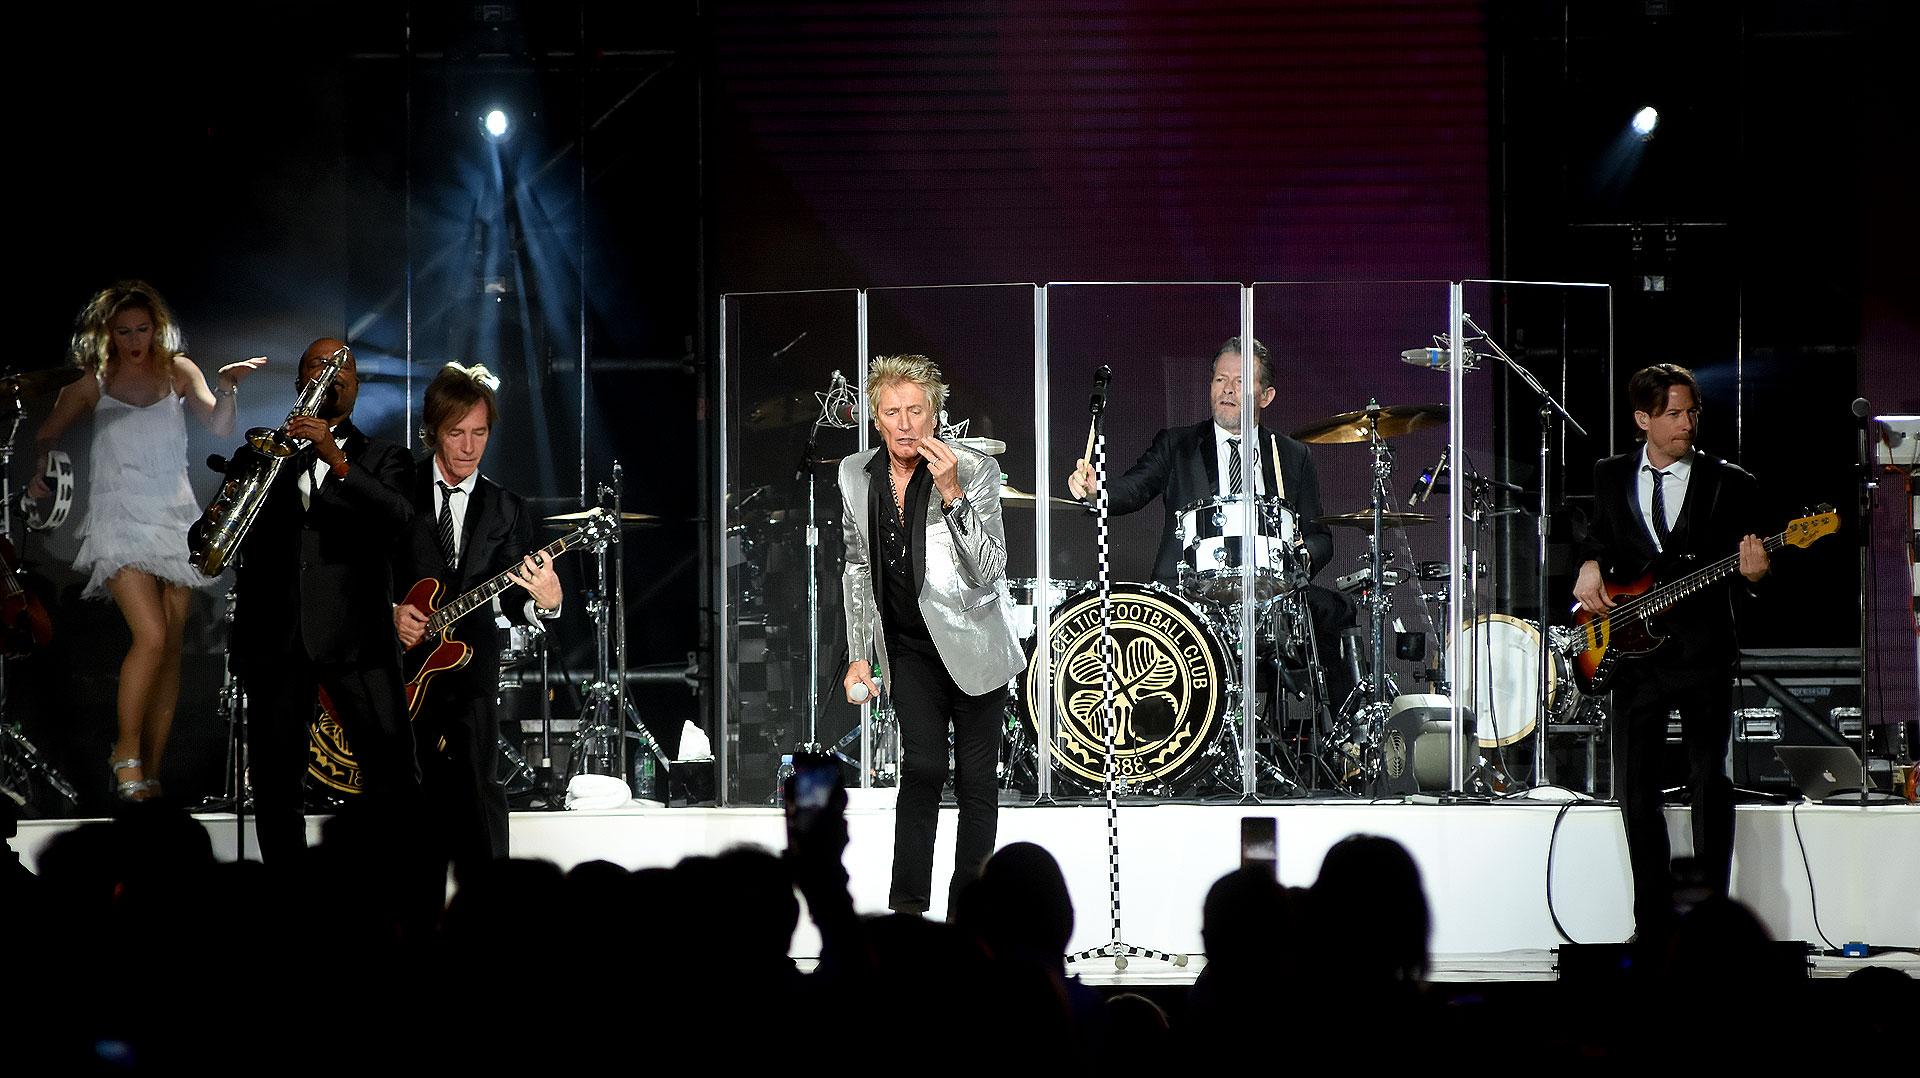 El 16 de febrero más de 21.000 fanáticos colmarán el Estadio Geba para presenciar un show de primer nivel: Sir Rod Stewart, la leyenda de la música dará un concierto que recorrerá todos sus éxitos